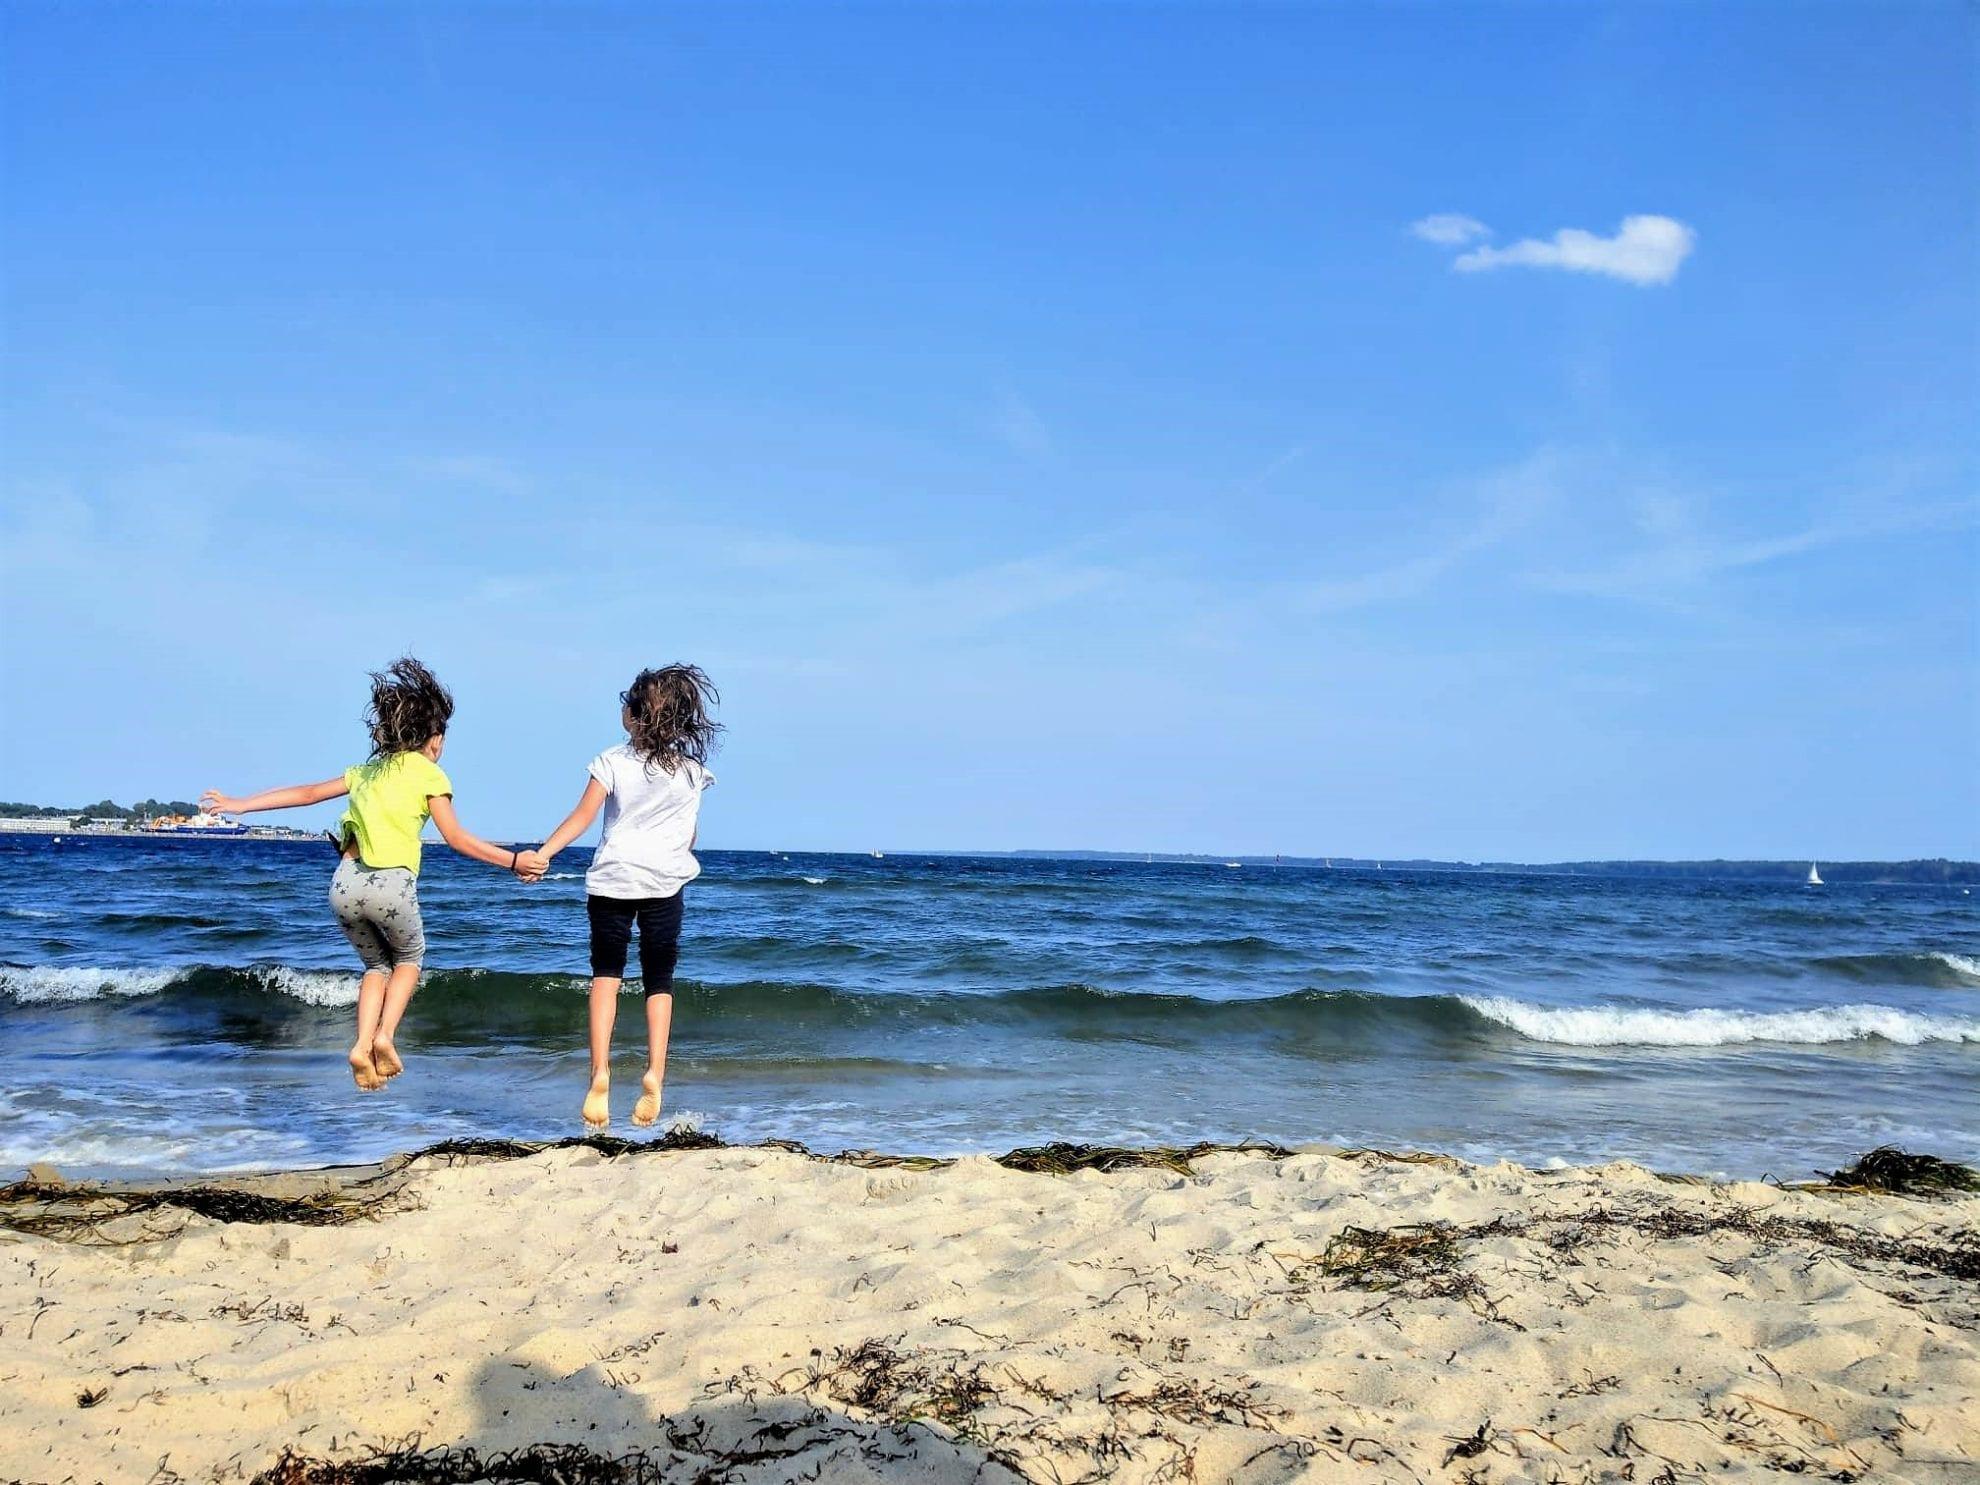 Die Freitagslieblinge am 31.8.18 sind geprägt vom Urlaub am Meer, Entspannung und der Flucht vom Alltag. Die Lieblingsmomente halten meine Highlights der vergangenen sieben Tage fest.